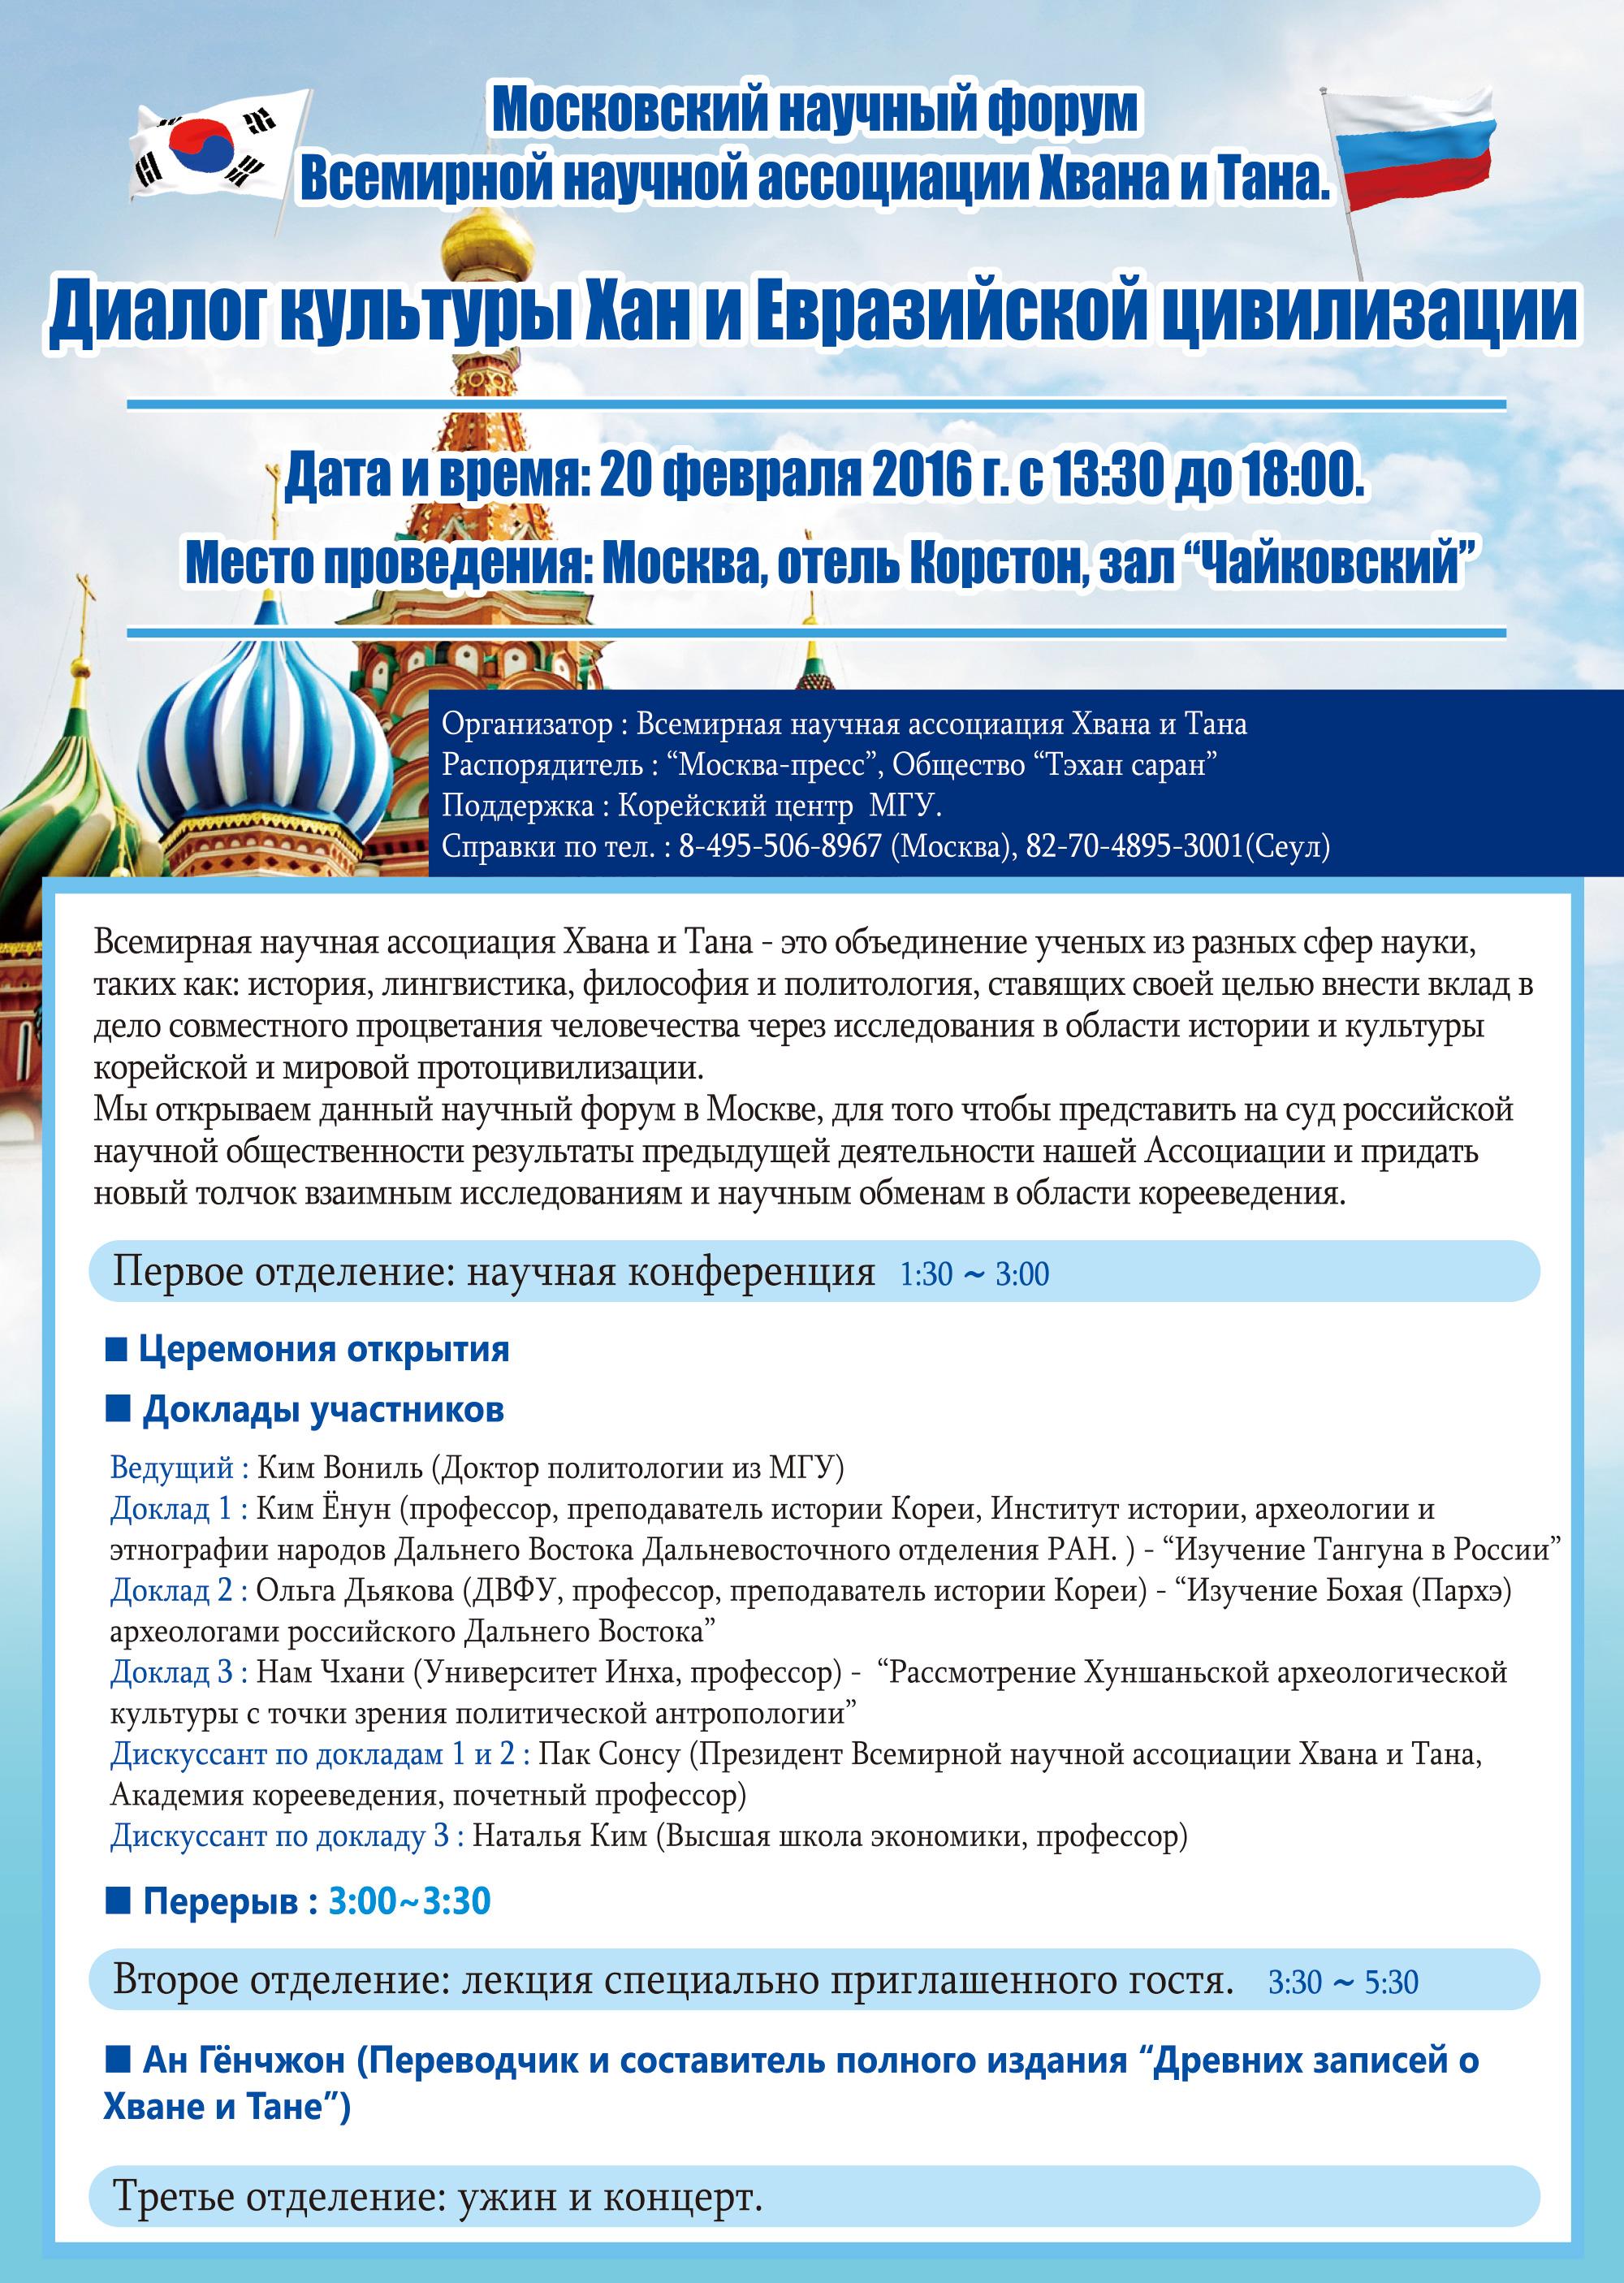 포스터---러시아어 (1).jpg